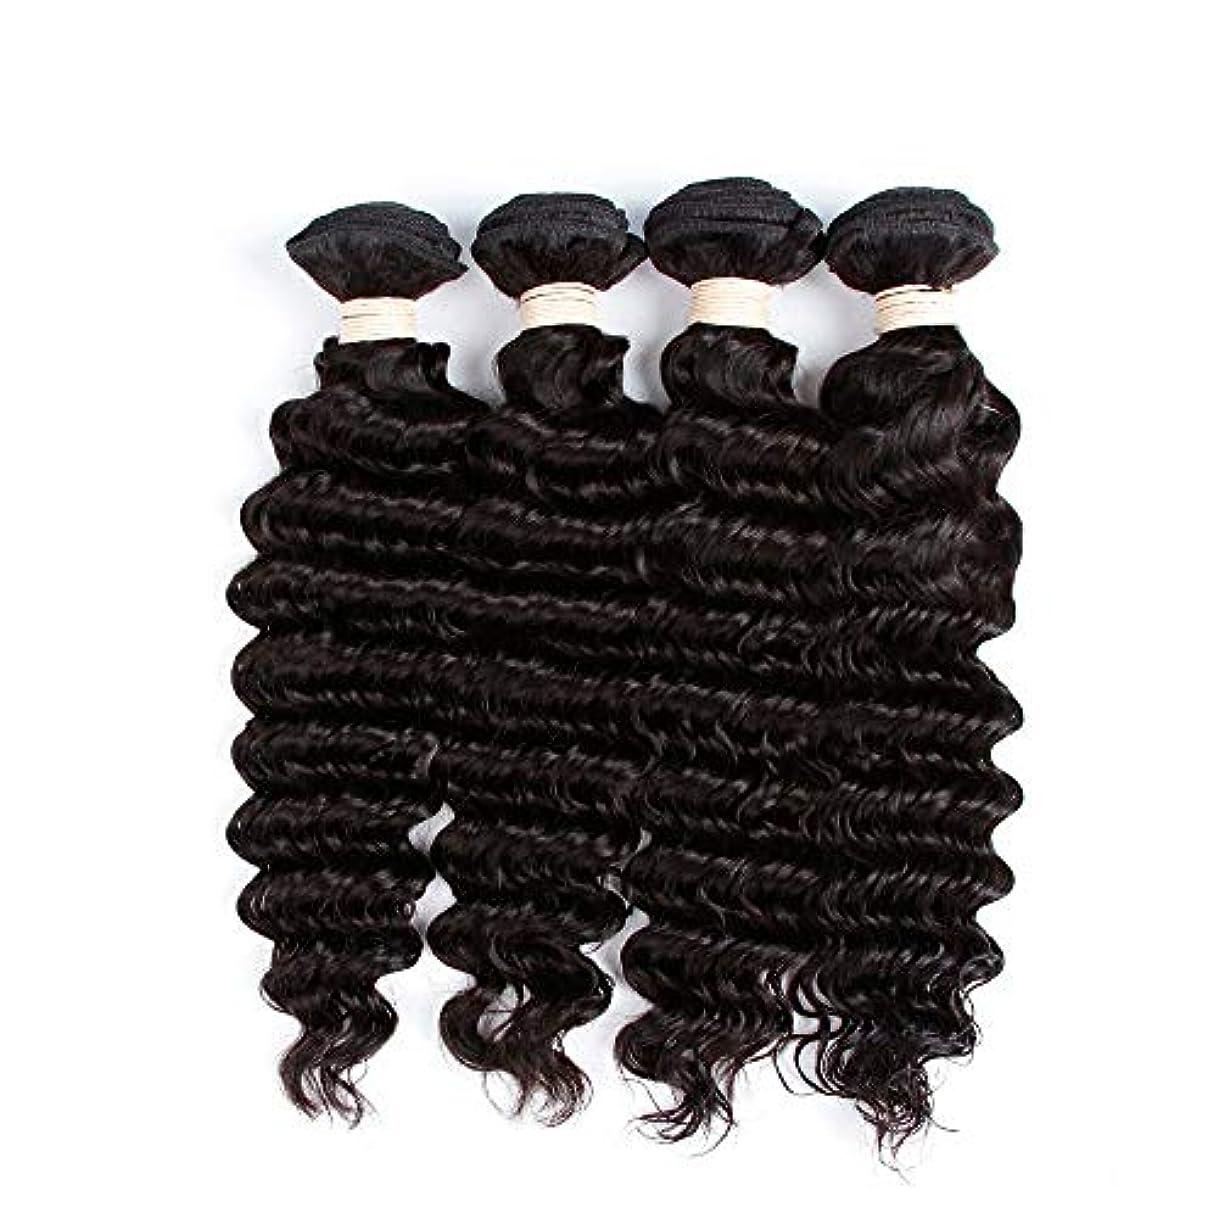 切り下げの間にジャグリングHOHYLLYA 未処理のブラジルの深い巻き毛の束本物の人間のバージンヘアエクステンション - 1束#1Bナチュラルカラー(100 +/- 5g)/ pc女性複合かつらレースかつらロールプレイングかつら (色 : 黒,...